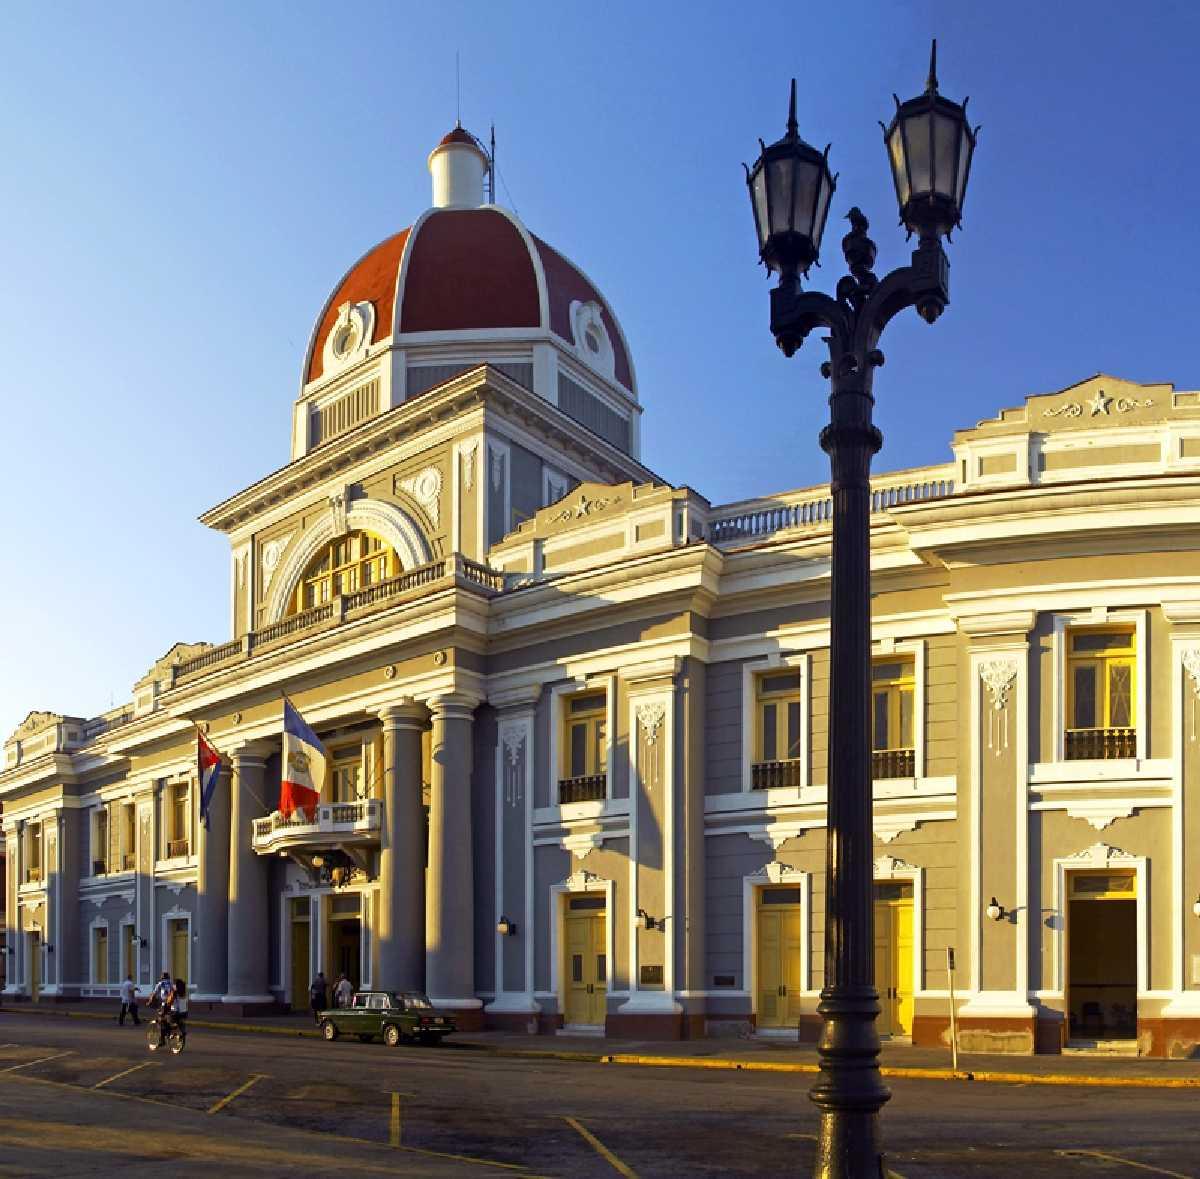 Cúpula del Palacio de Gobierno iluminada por el atardecer